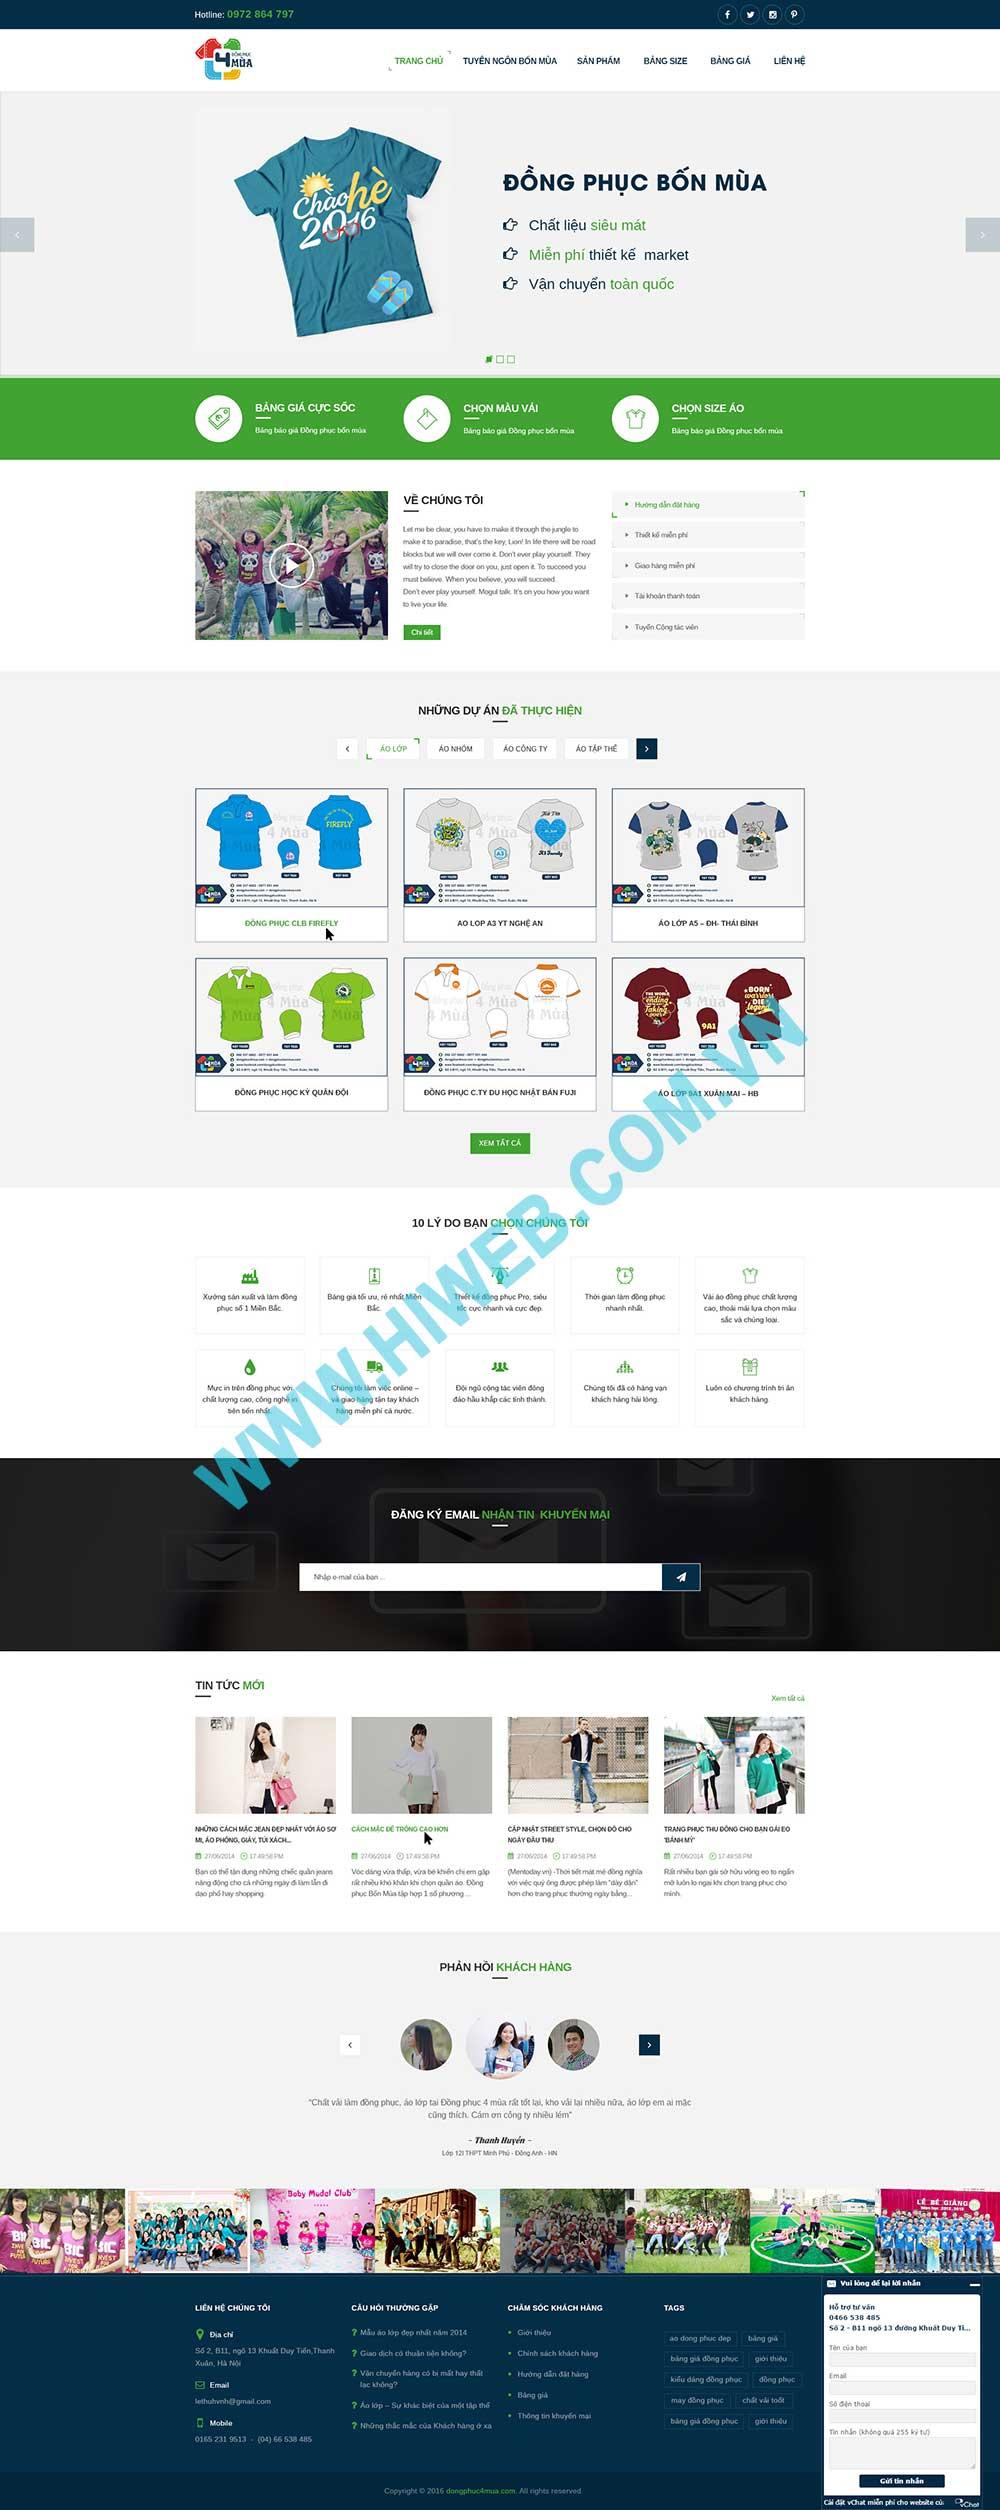 Mẫu thiết kế website đồng phục Bốn Mùa